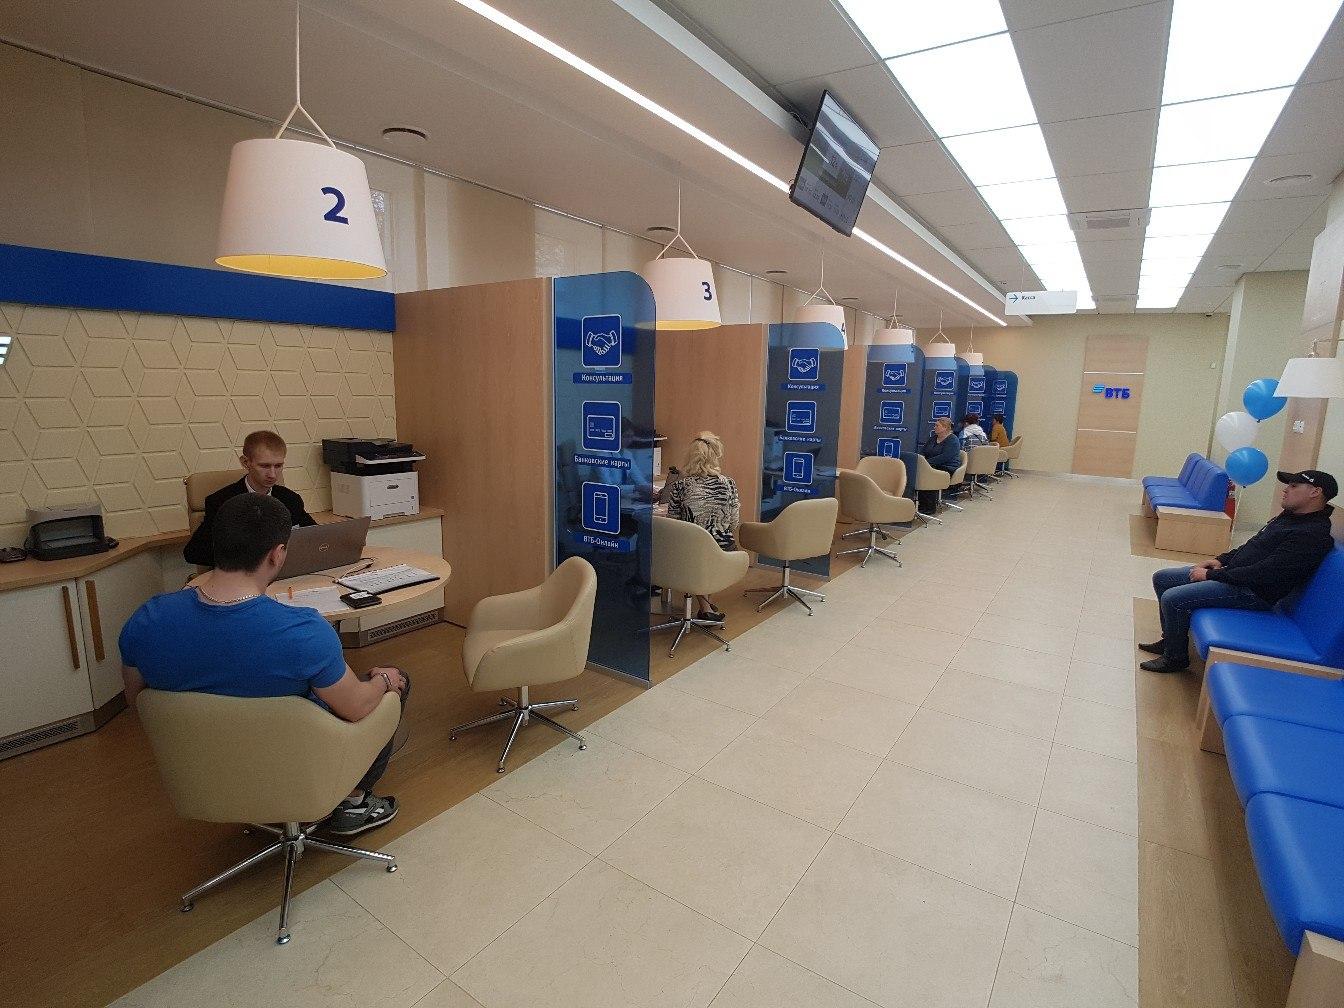 В Кургане банк ВТБ переехал в новый офис и сменил руководителя